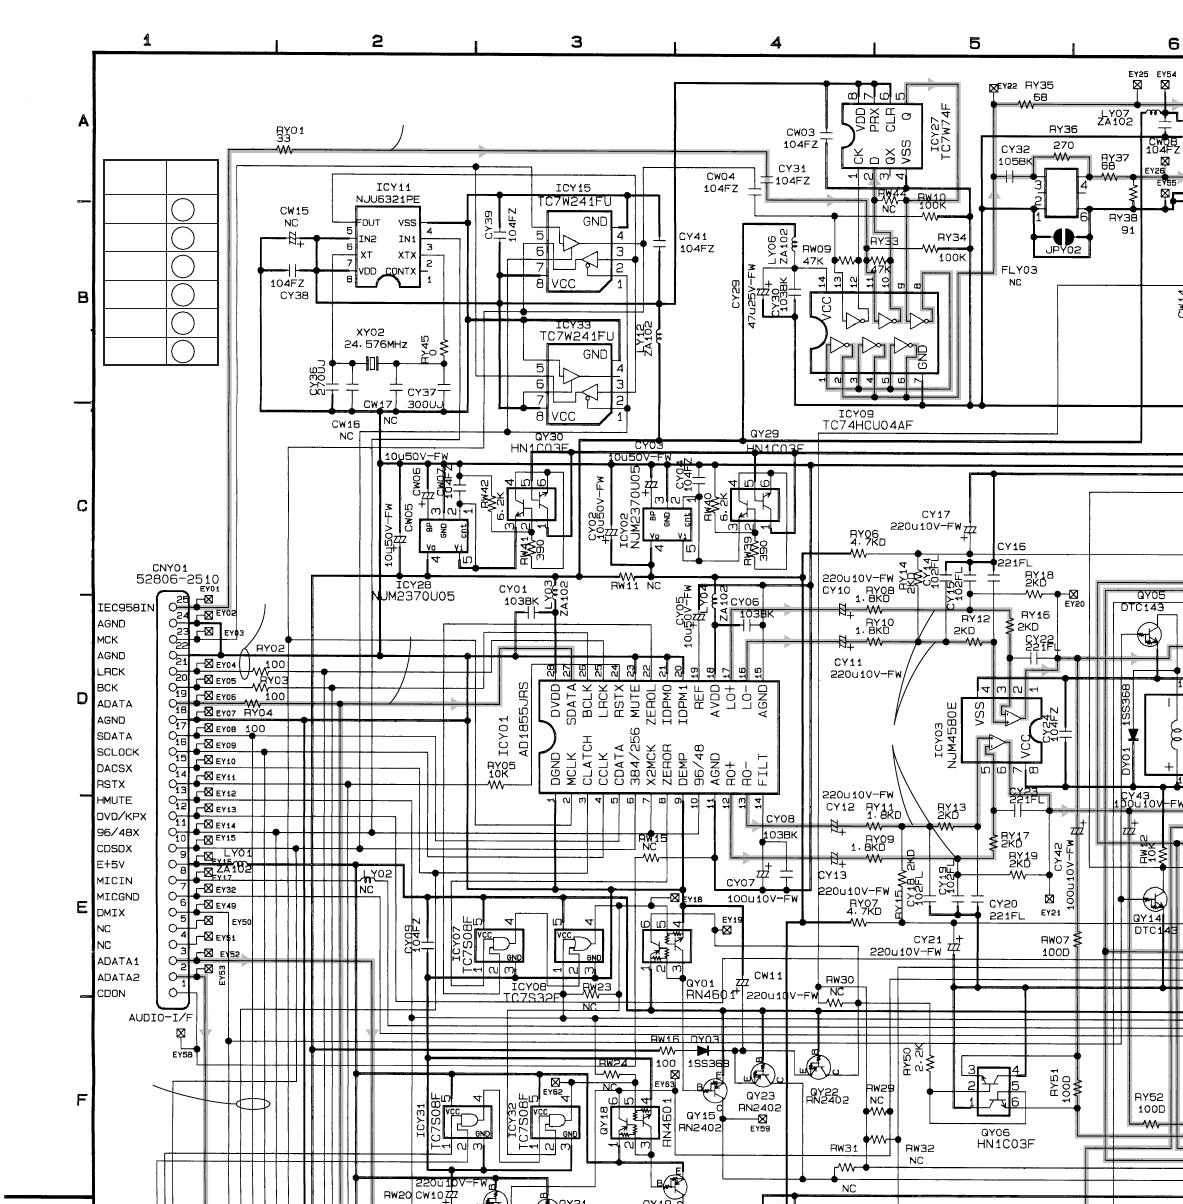 Ausgezeichnet Delco Modell 16221029 Verdrahtungsschema Bilder ...